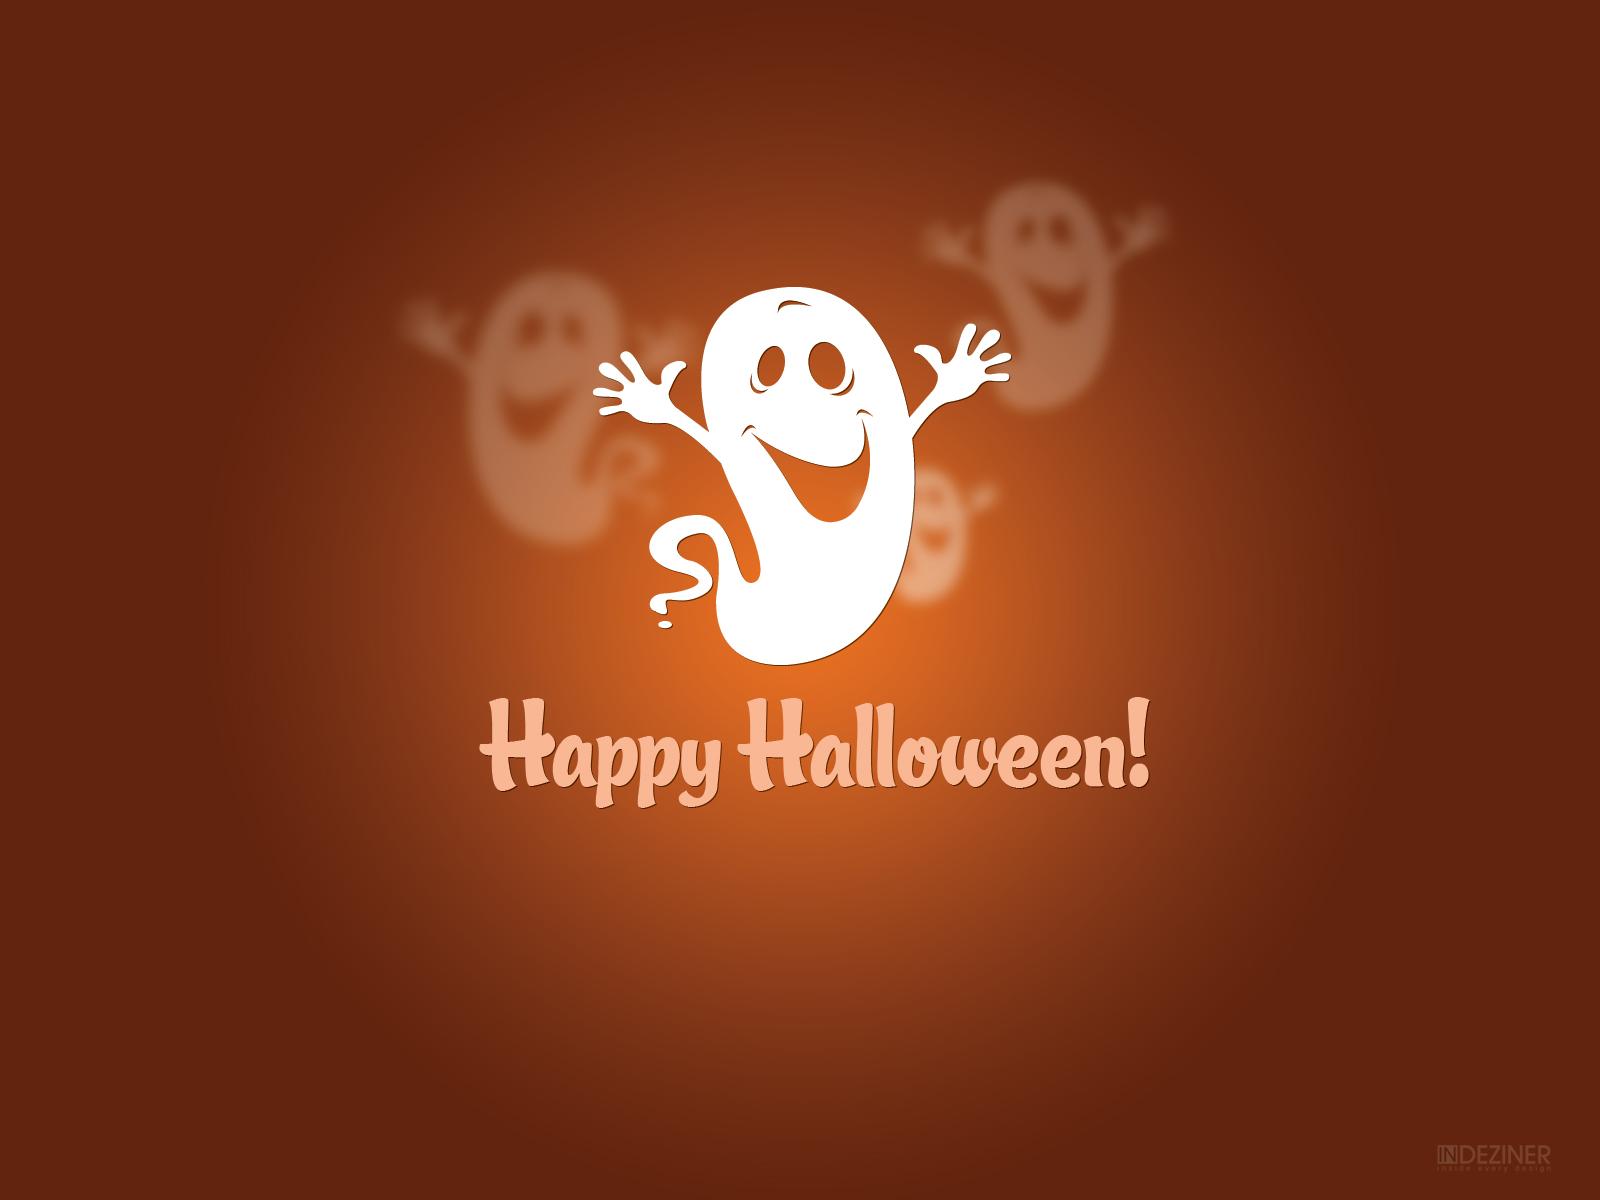 happy halloween 2 wallpaper - photo #18